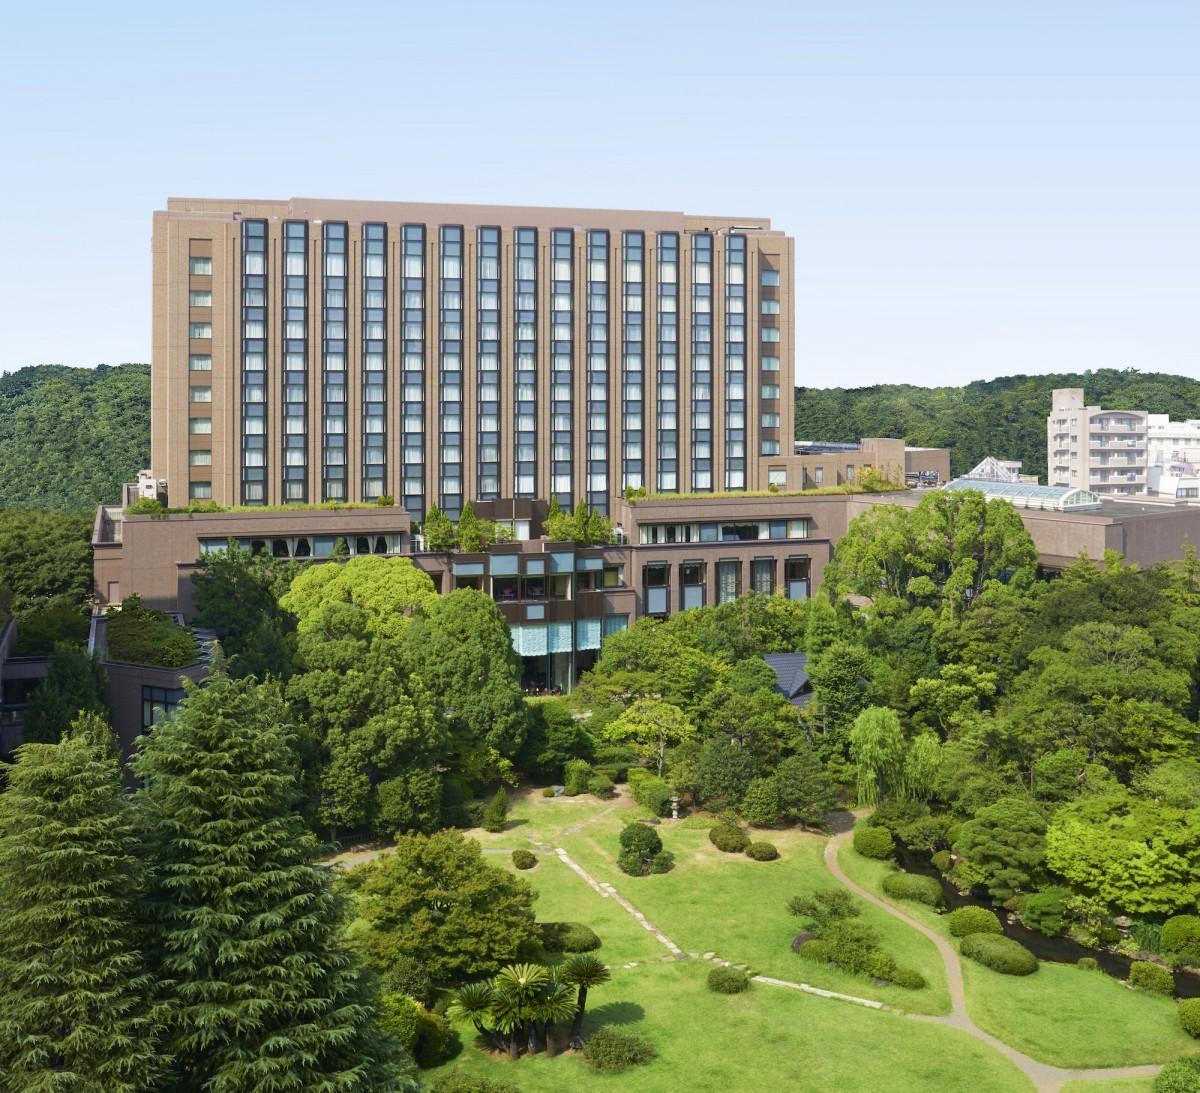 4月1日から全客室が禁煙となるリーガロイヤルホテル東京の外観